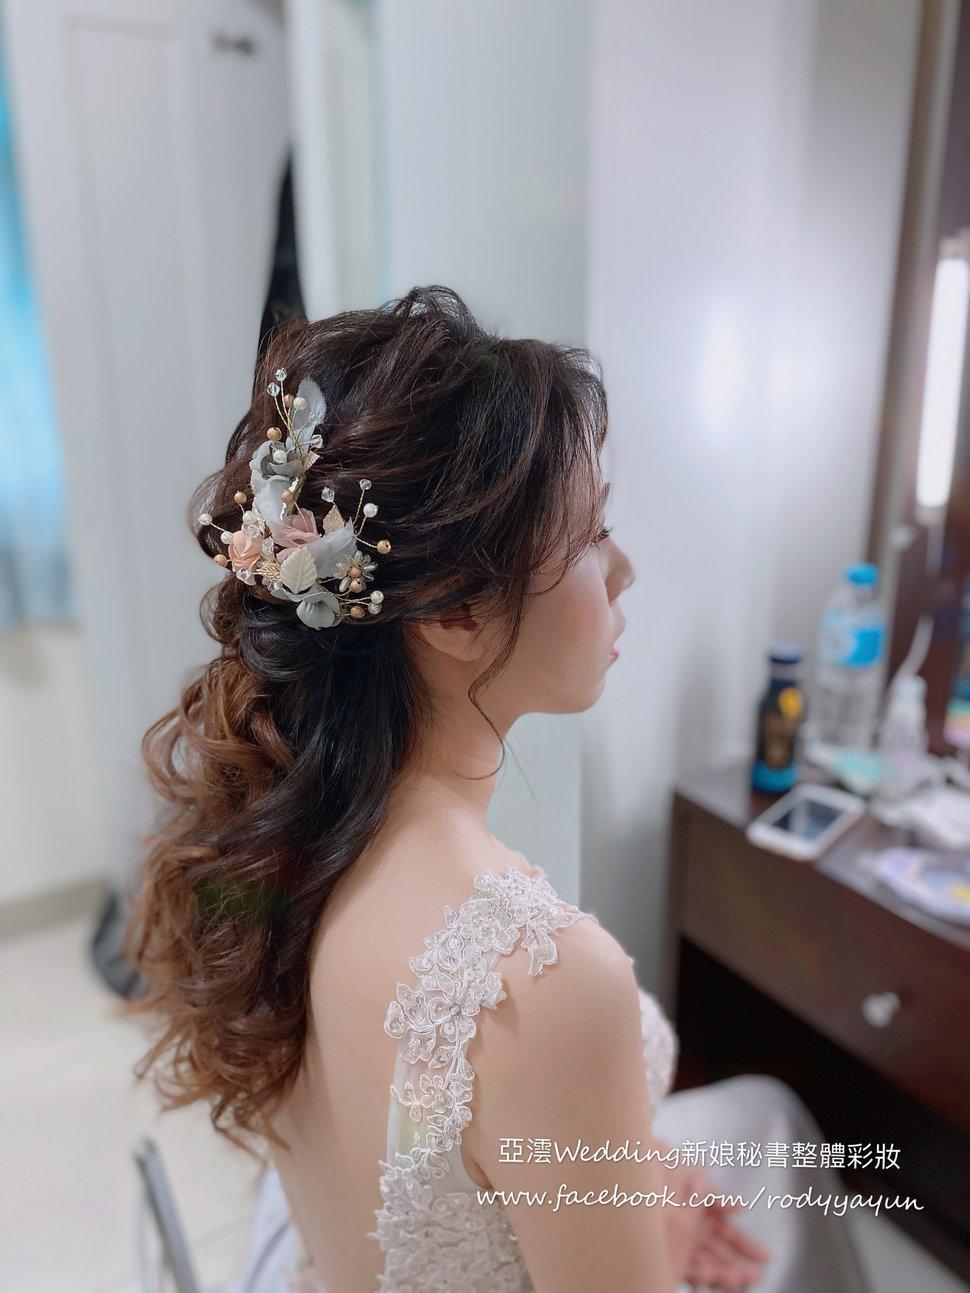 91F32B82-FAB6-4A13-8031-0FFAF8E9D737 - 亞澐 Wedding 新娘秘書 整體彩妝《結婚吧》